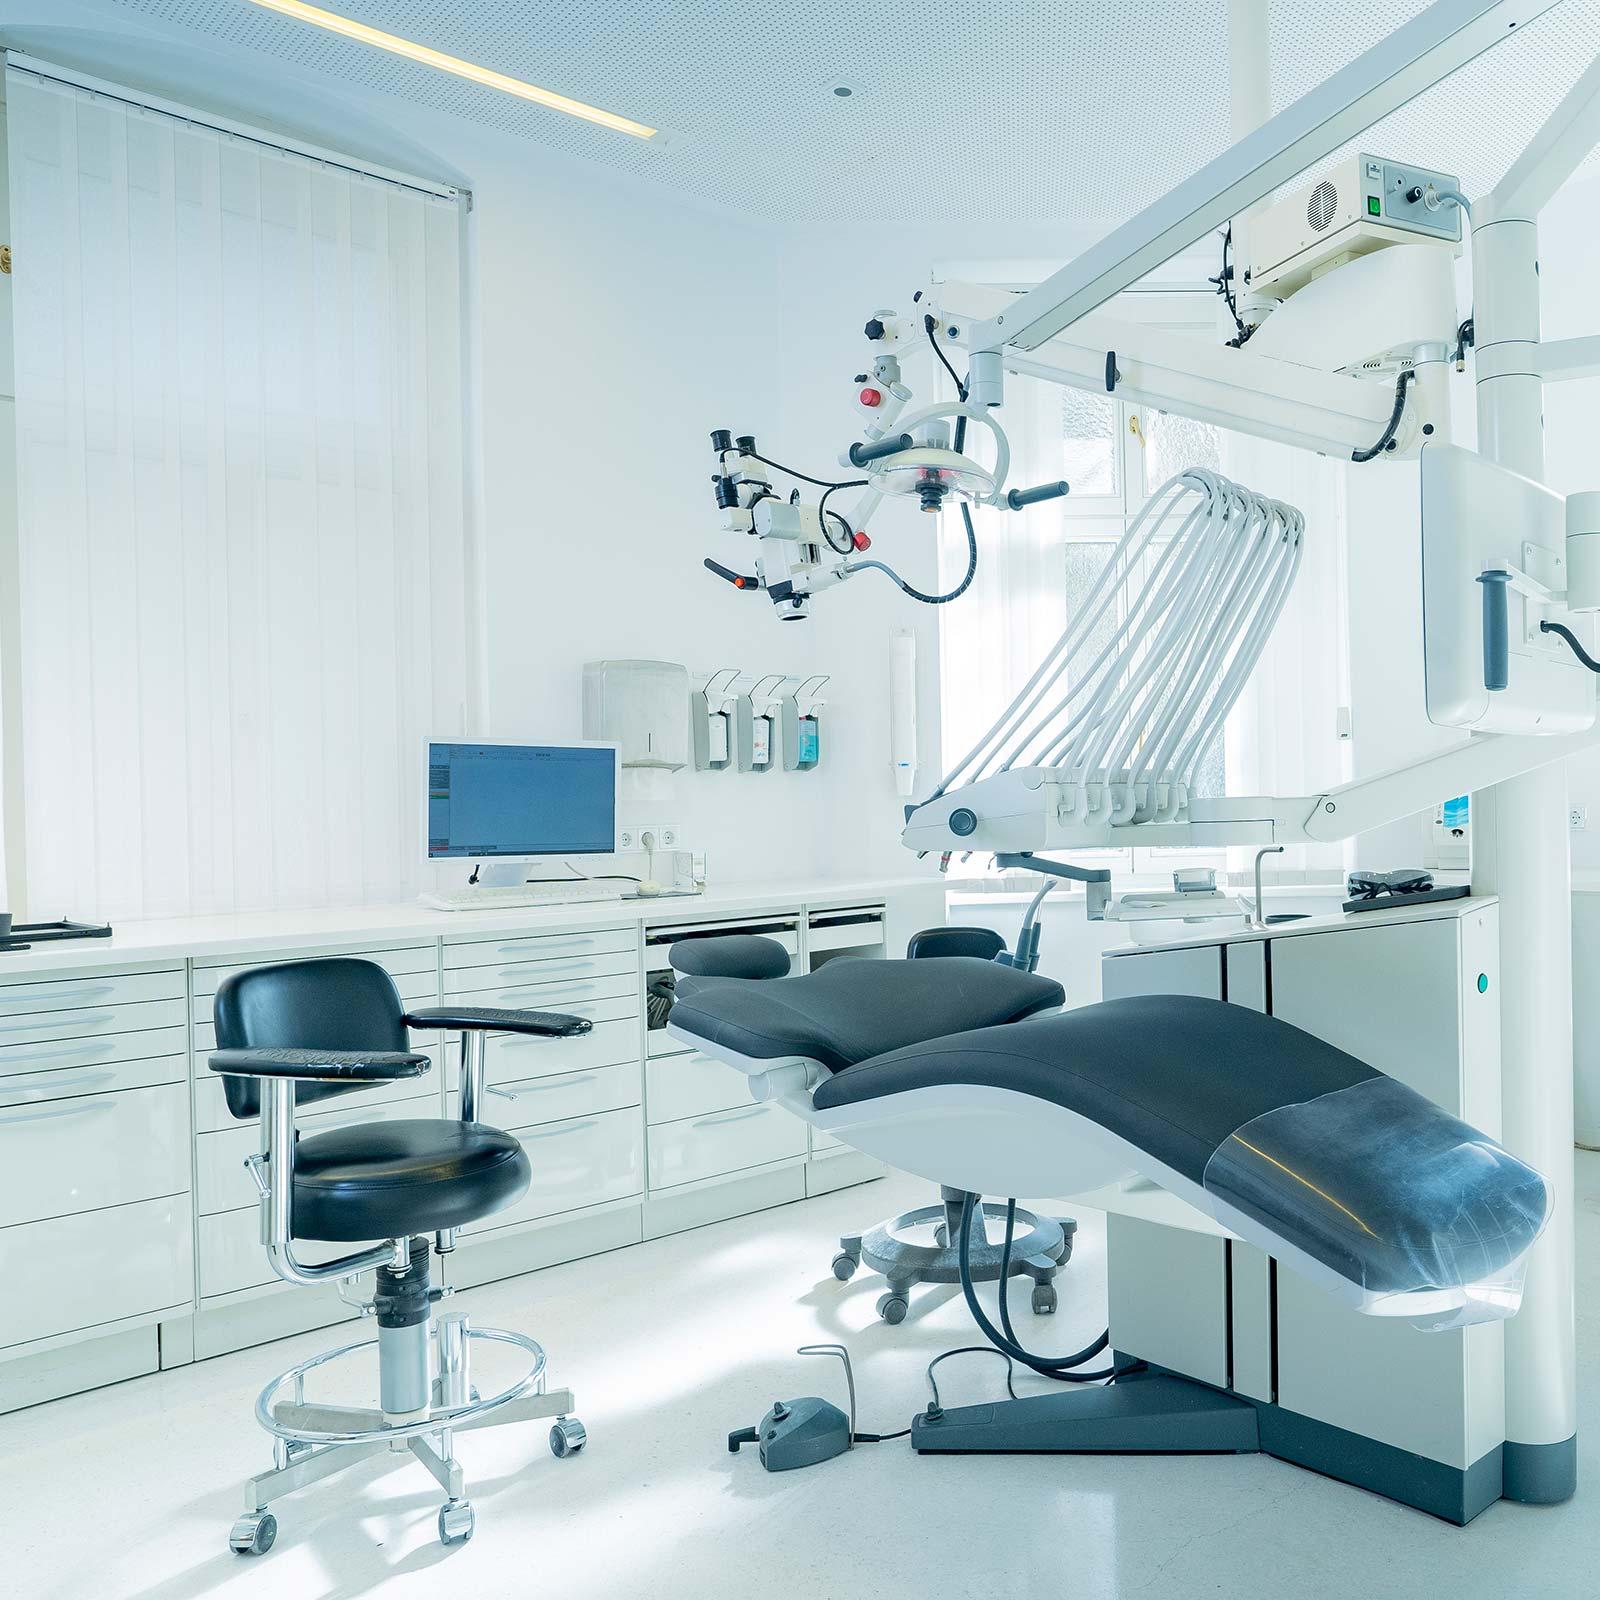 Behandlungszimmer in Innsbruck vorbereitet – hier sehen Sie weitere Bilder unserer Praxis.